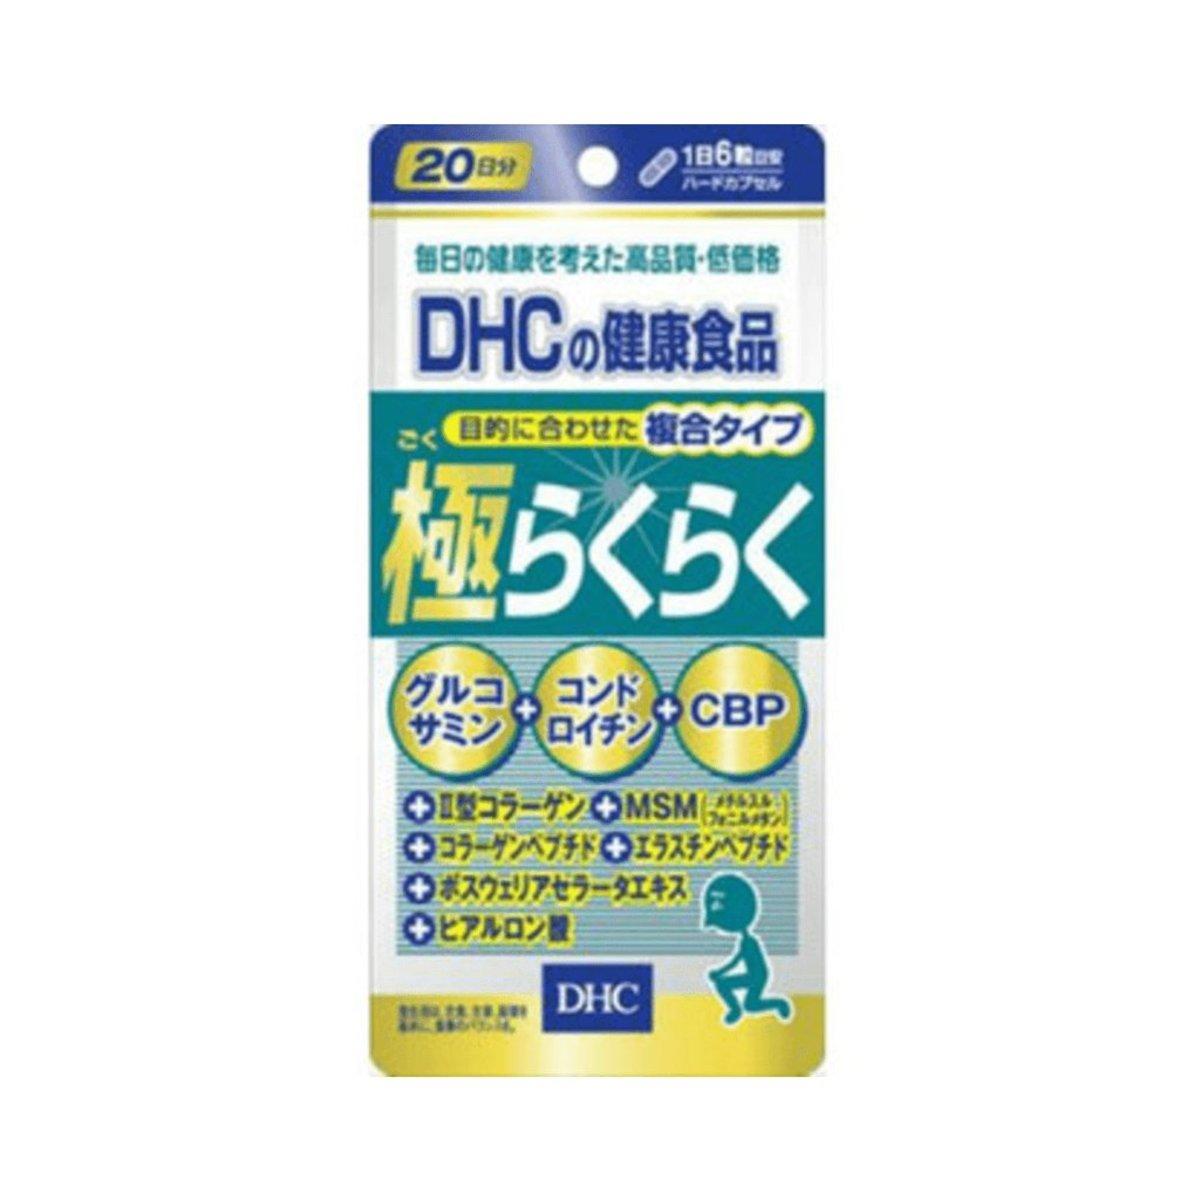 DHC 複合關節維骨素 20日份(120粒)57.2G